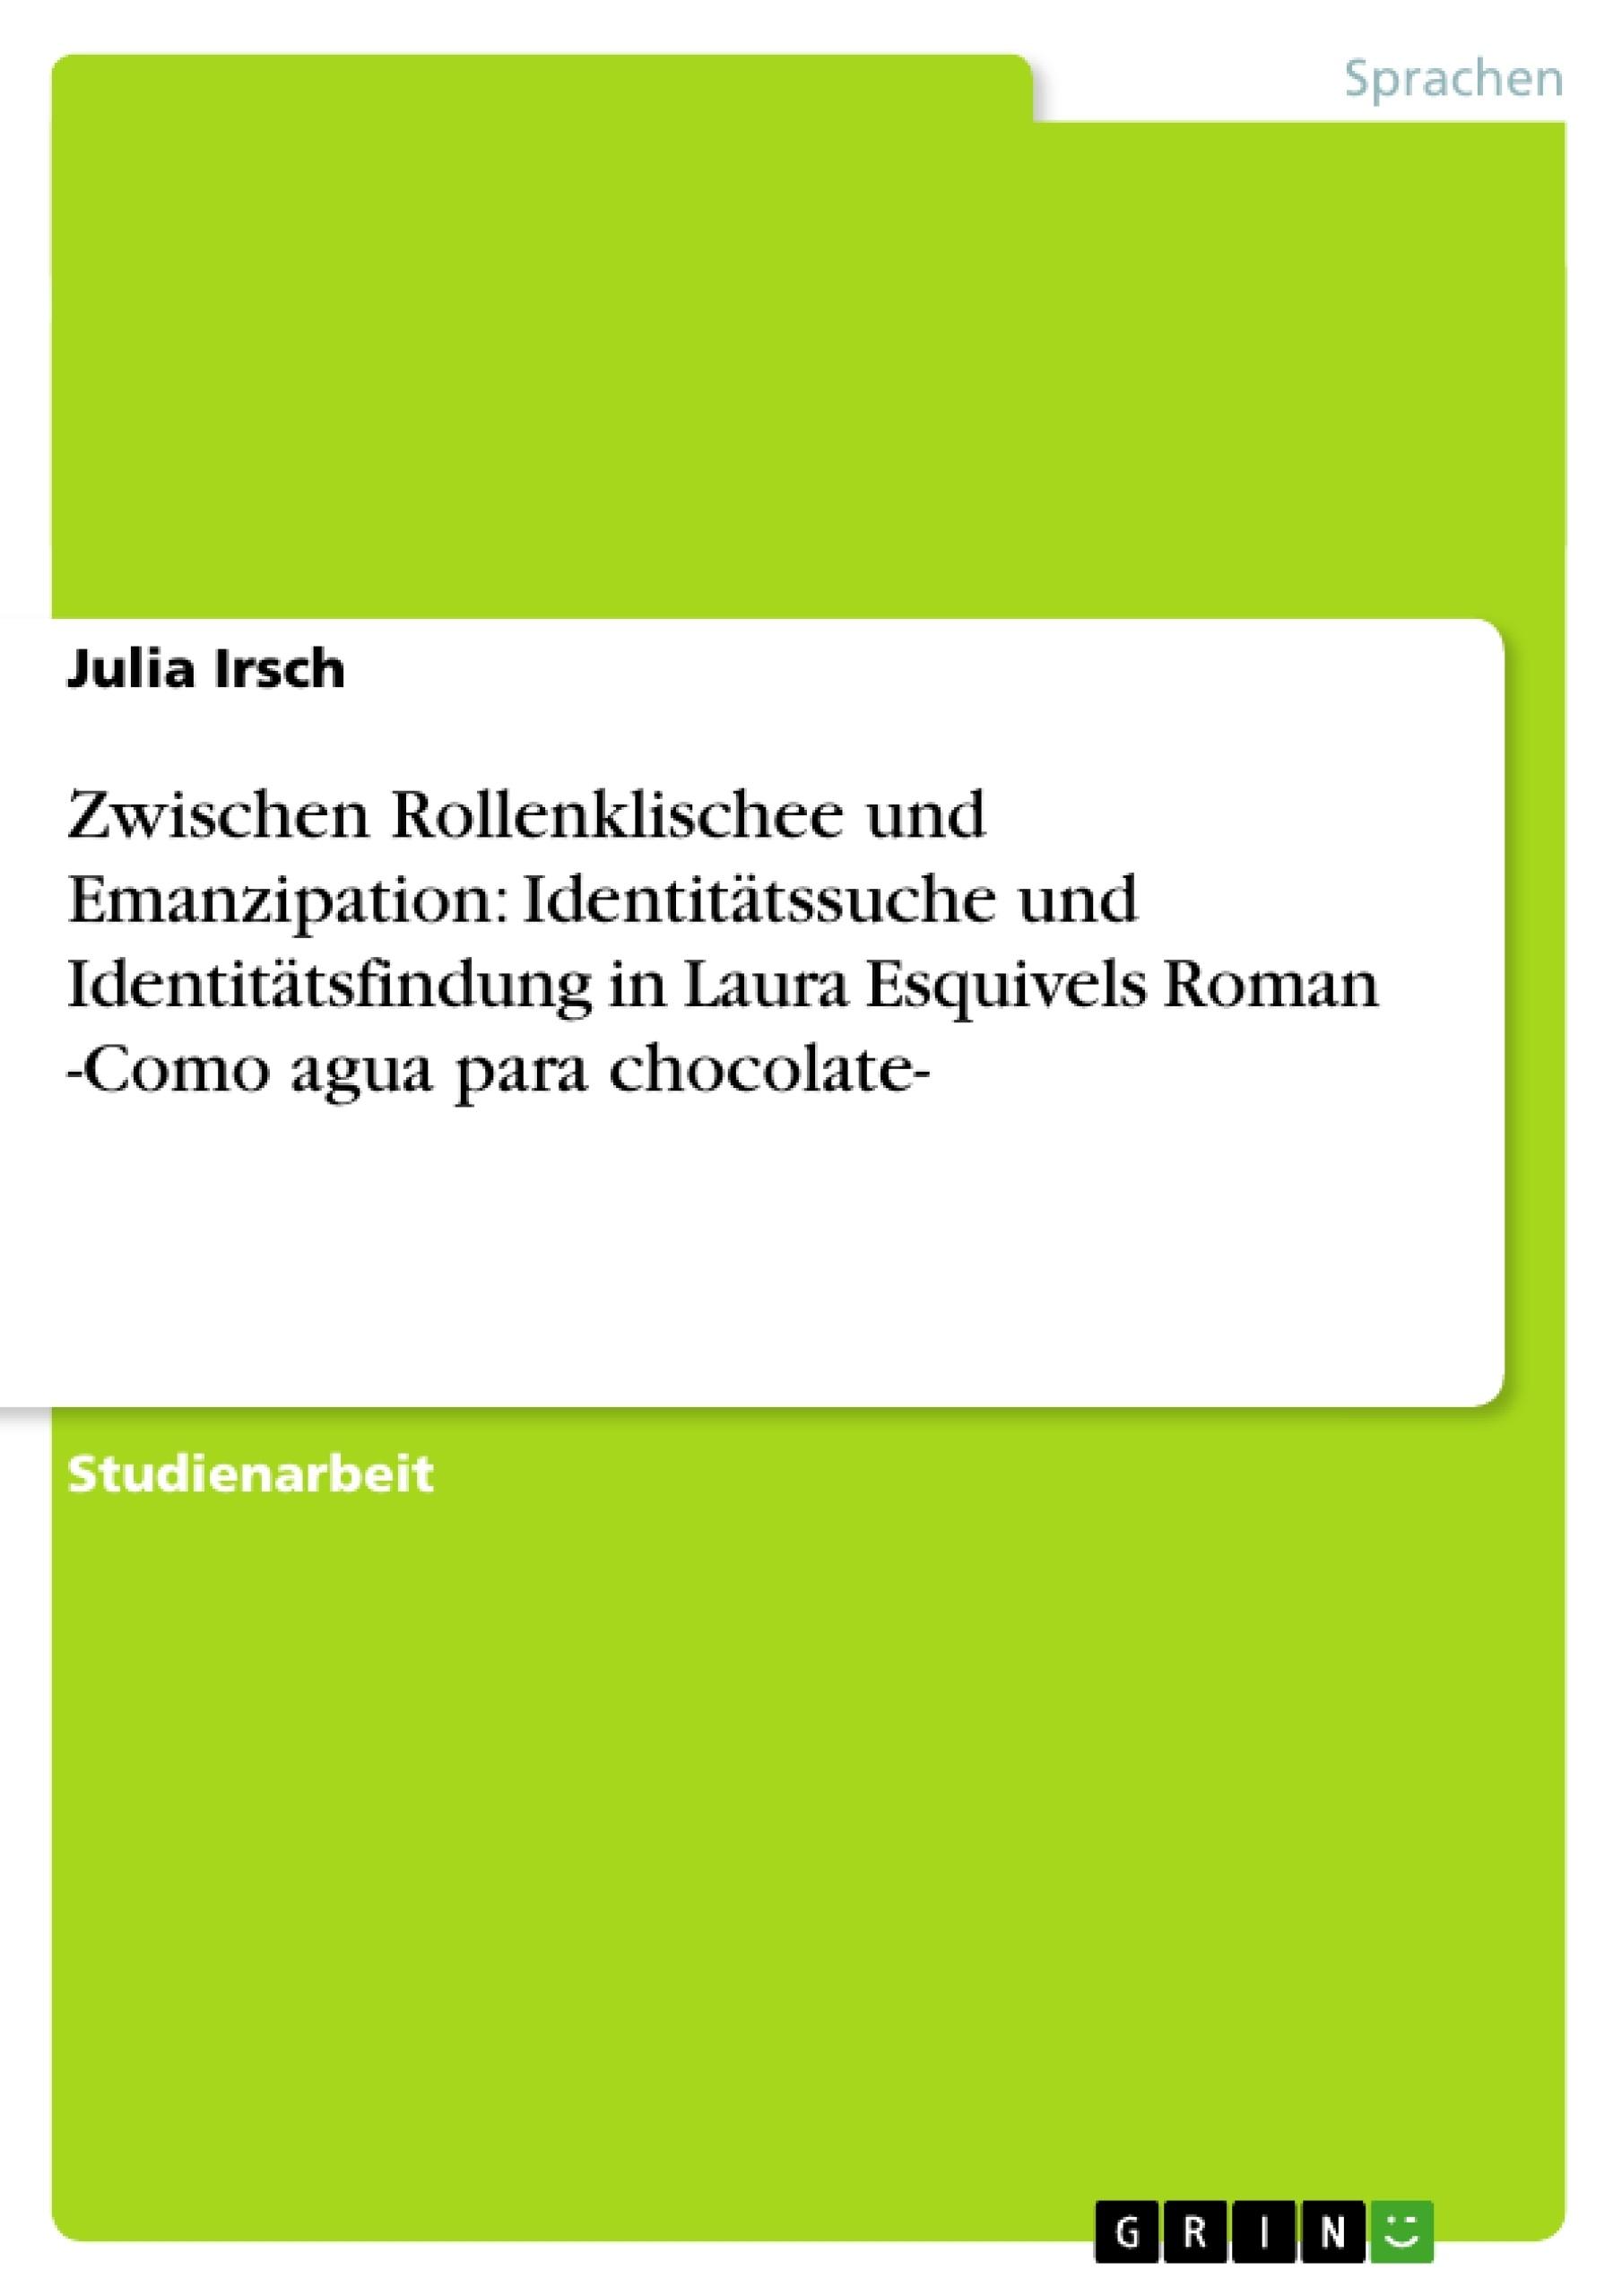 Titel: Zwischen Rollenklischee und Emanzipation: Identitätssuche und Identitätsfindung in Laura Esquivels Roman -Como agua para chocolate-